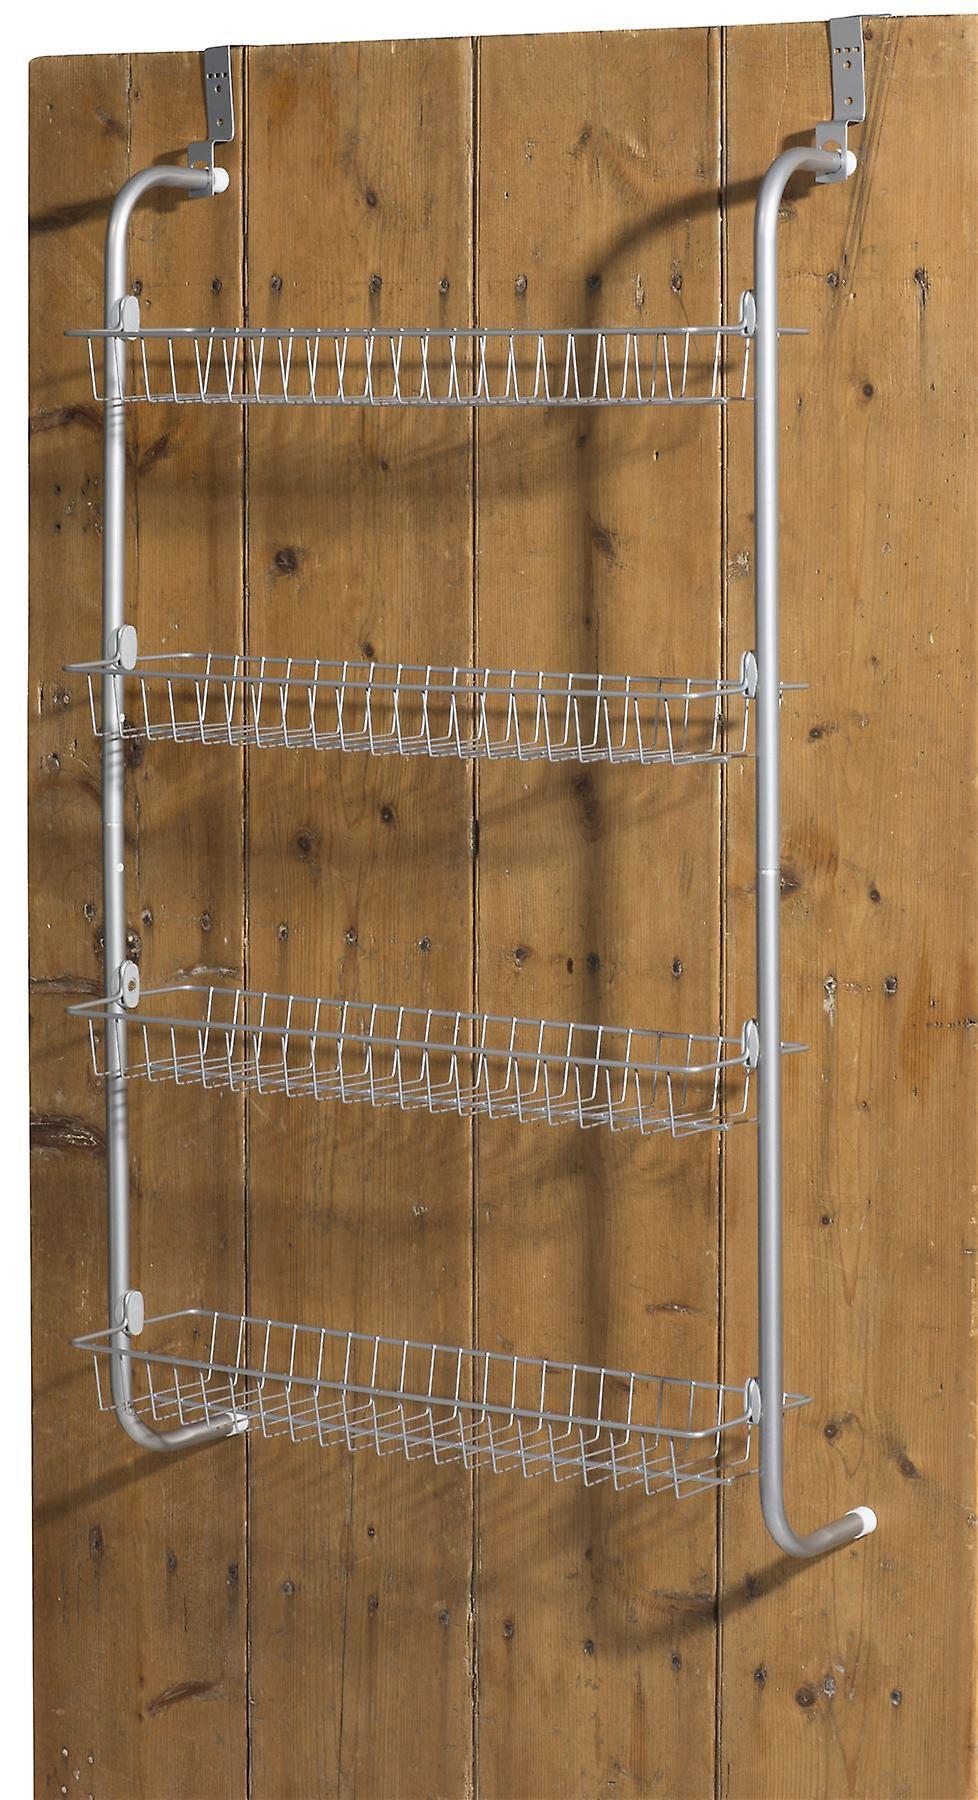 4 tier ber der t r h ngen rack regale f r vorratskammer oder schrank fruugo. Black Bedroom Furniture Sets. Home Design Ideas